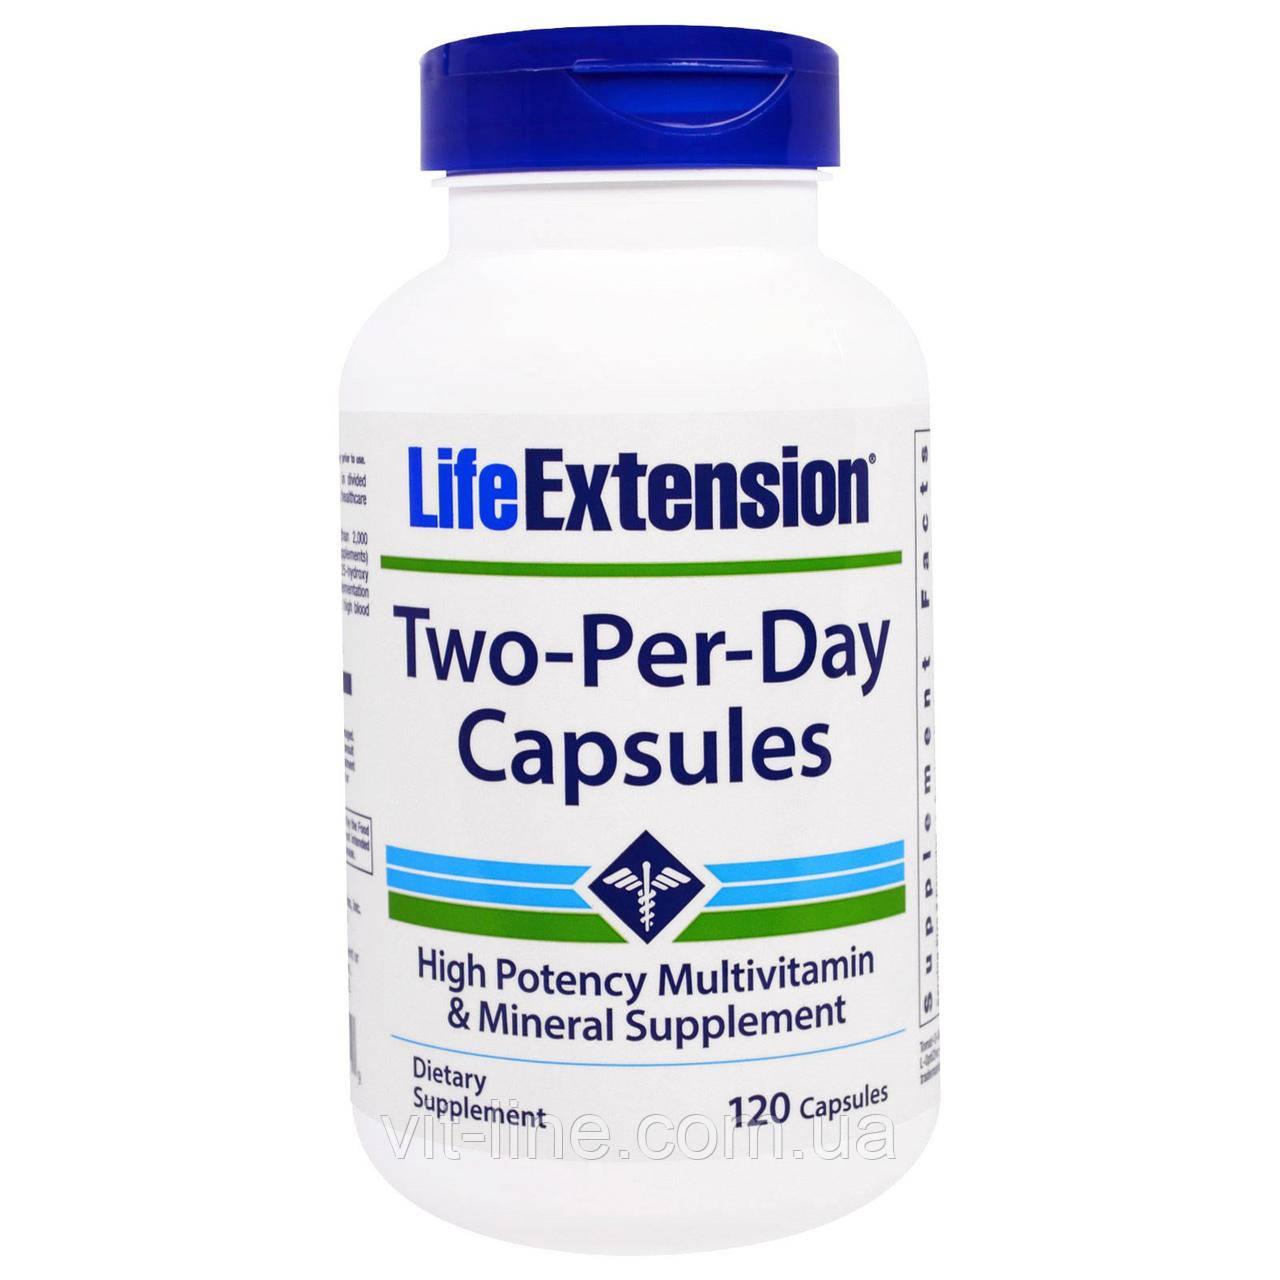 Life Extension, Дважды-в-день, мультивитаминный комплпекс. Капсулы, 120 капсул